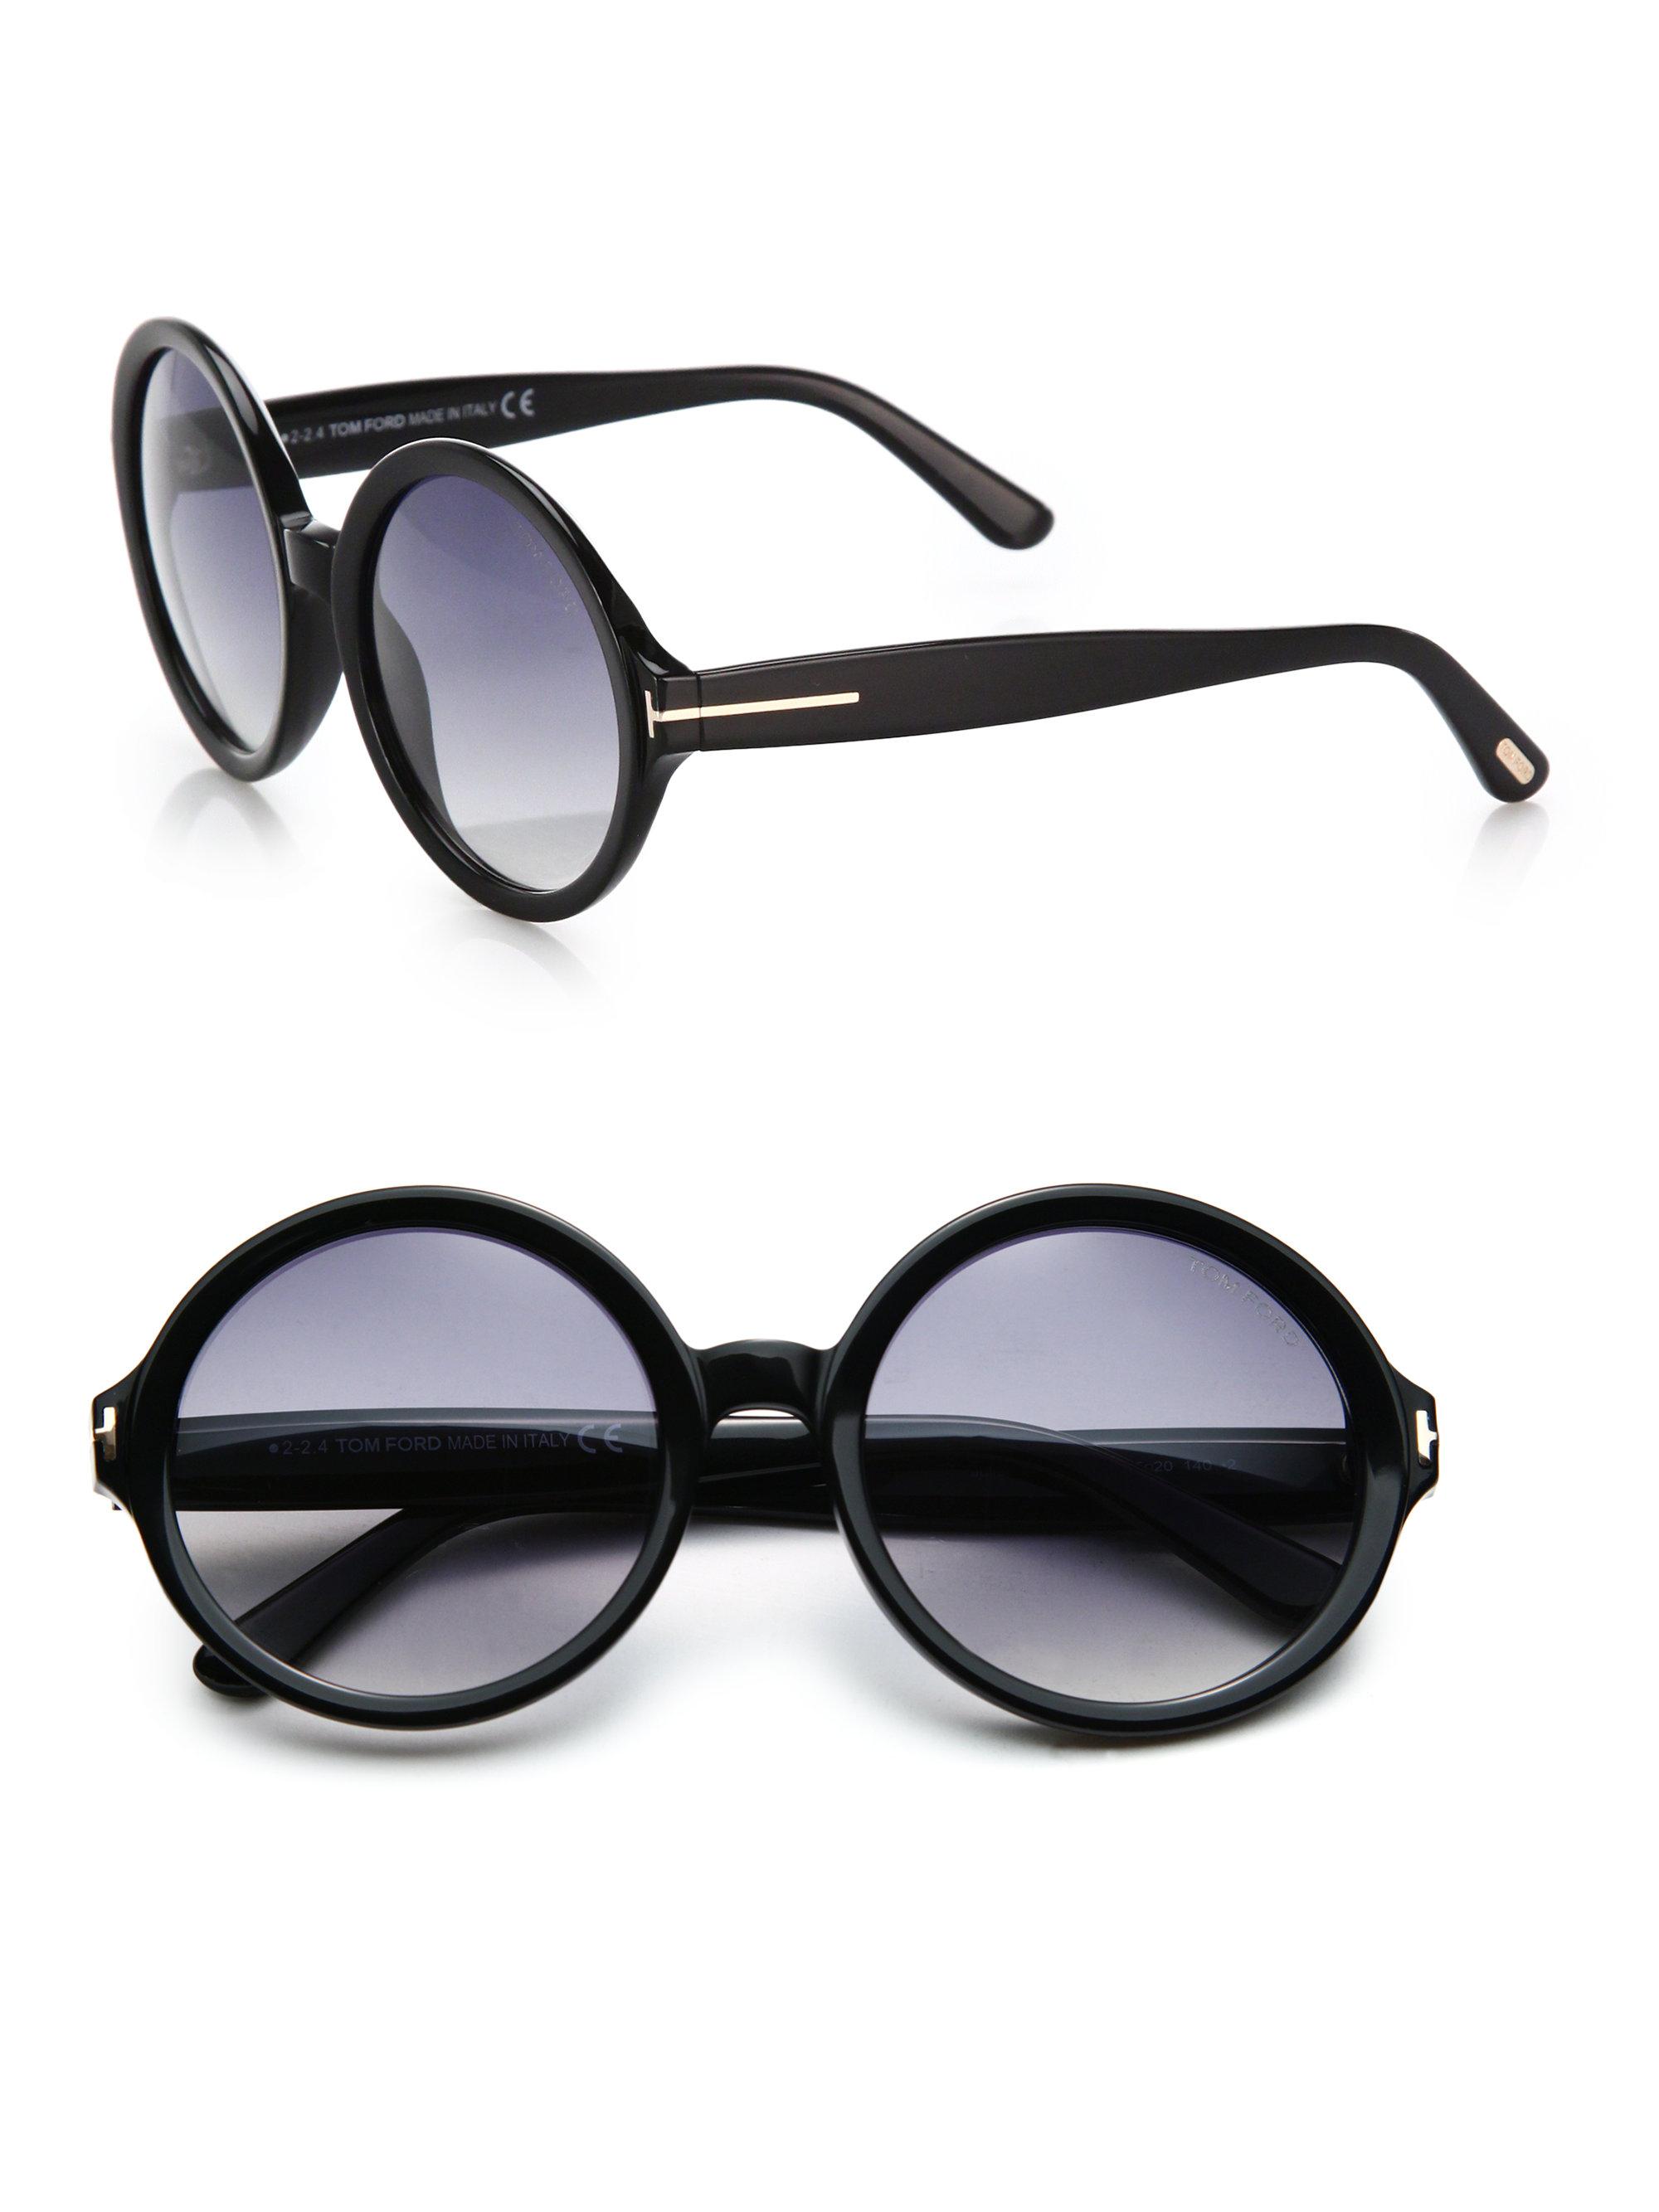 Tom ford Juliet 55Mm Round Sunglasses in Black   Lyst Victoria Beckham Scarf